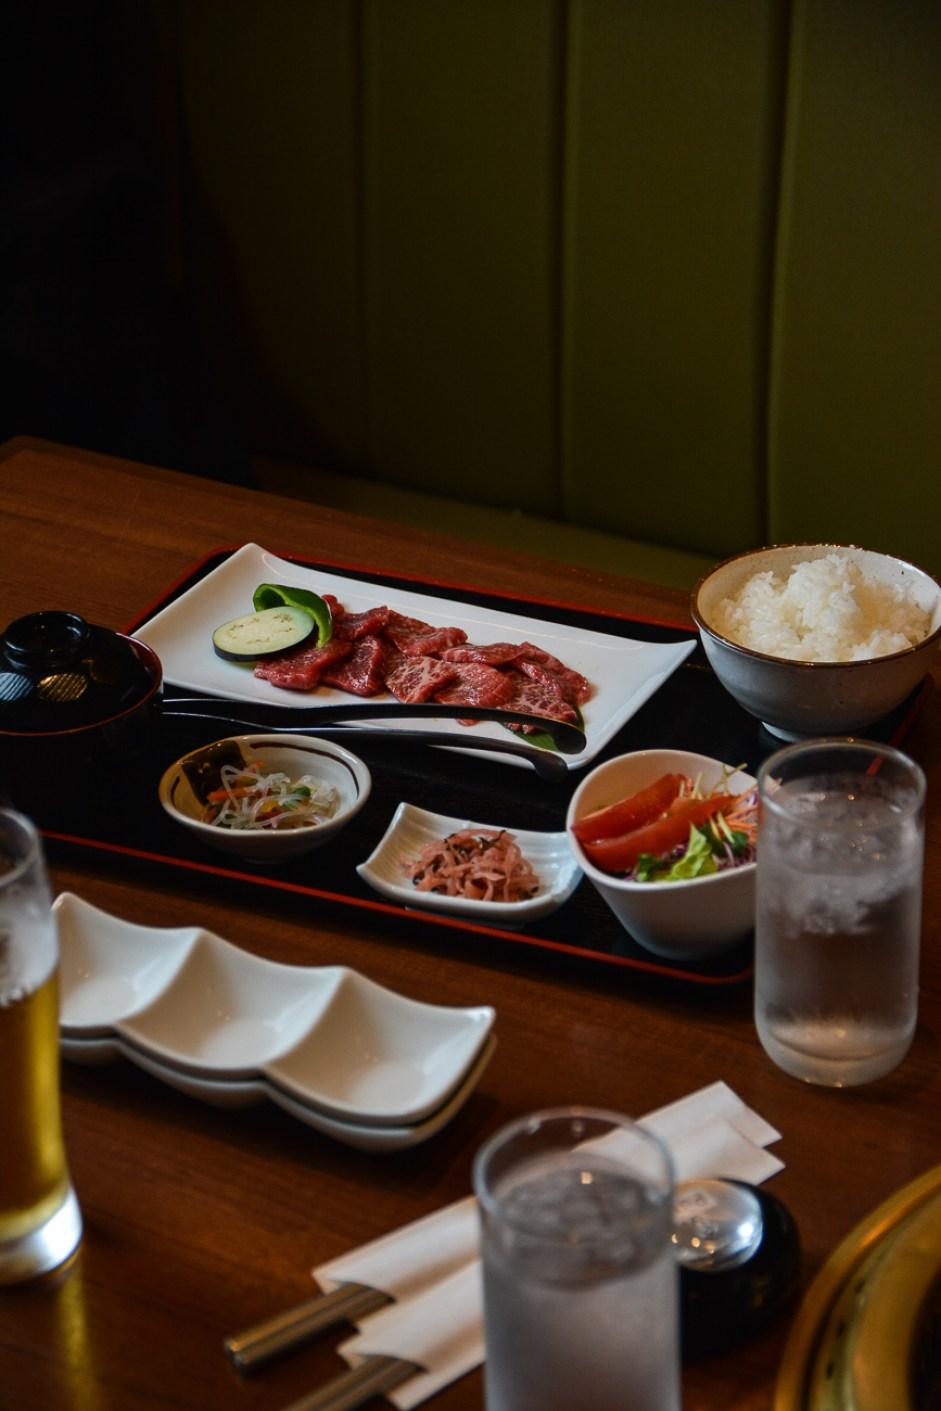 Manger du boeuf hida à Takayama, dans les alpes japonaises, Japon